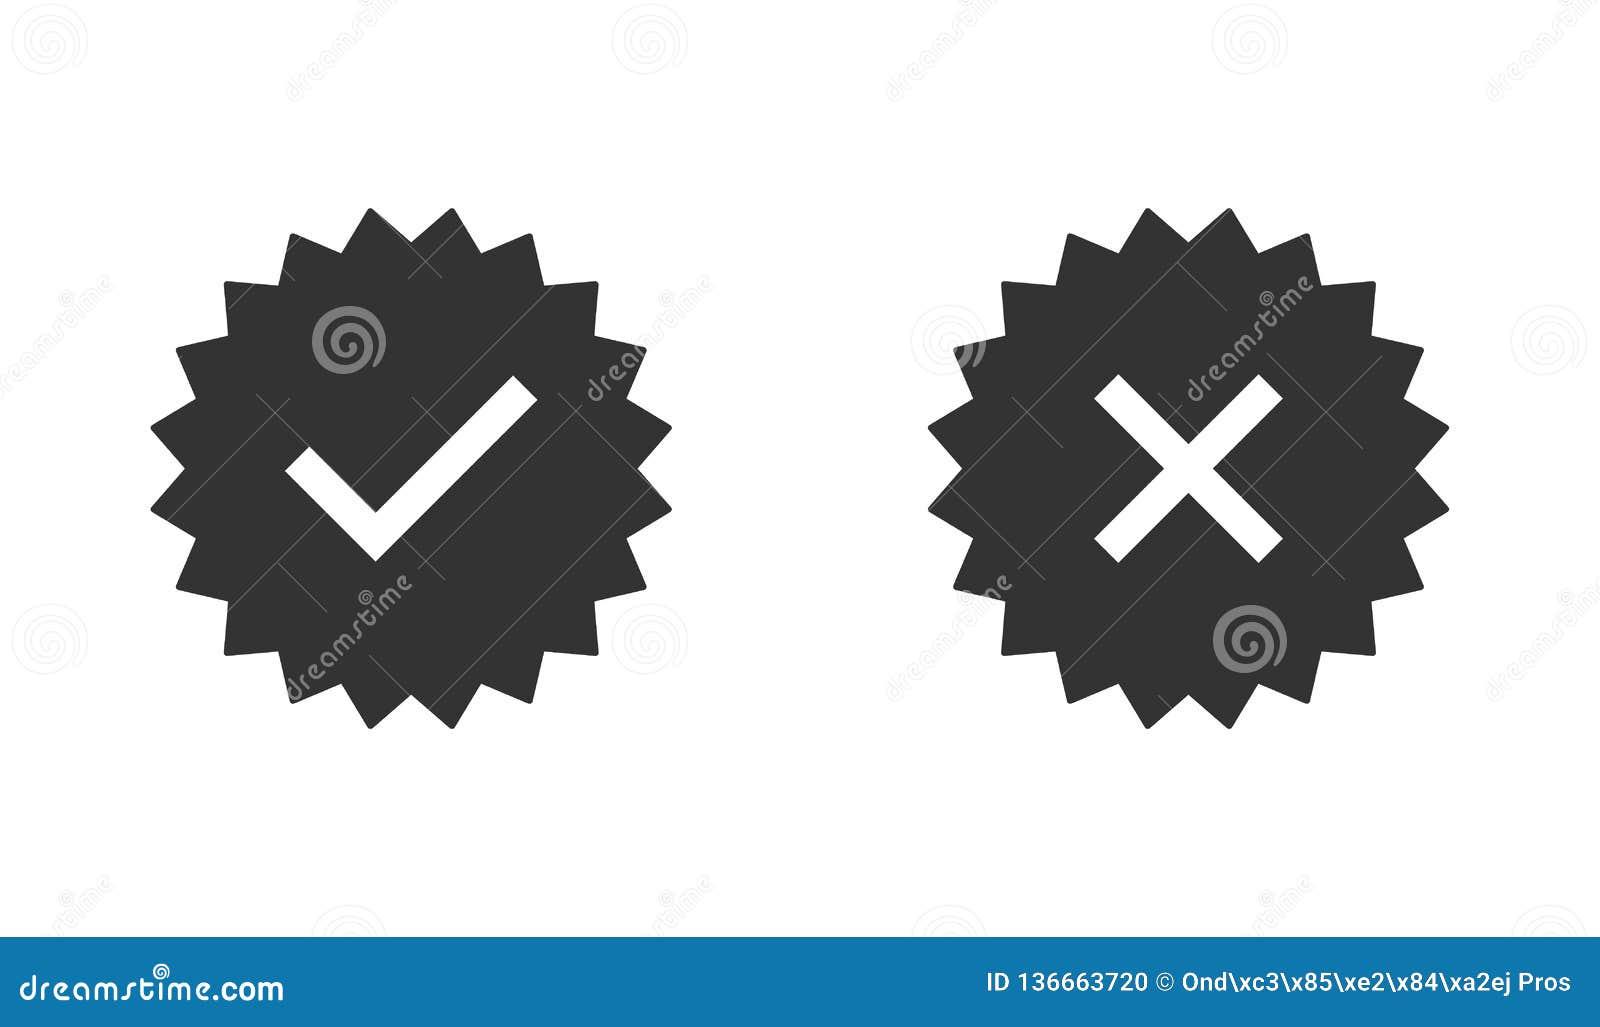 Garantierter Stempelsatz oder überprüfter Ausweis Überprüfter Ikonenstempel